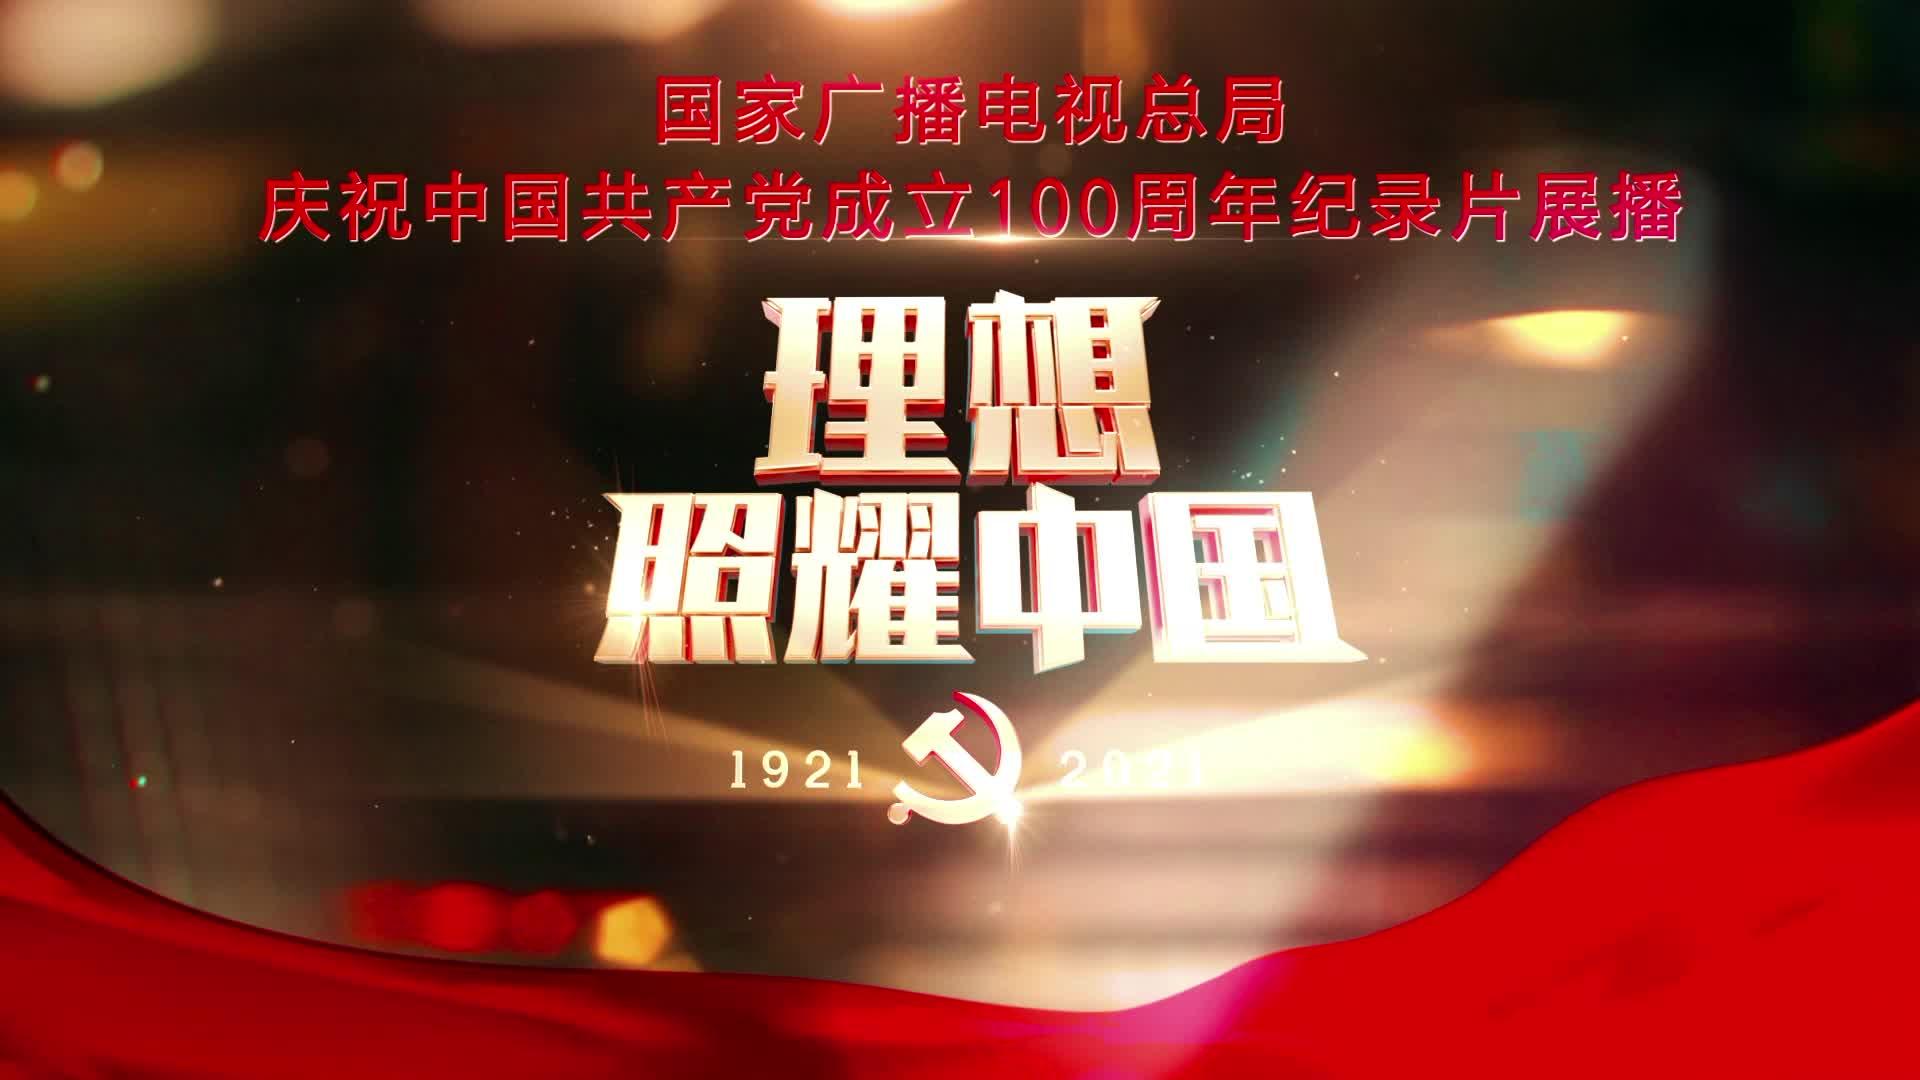 百炼成钢 第7集:携手国民革命